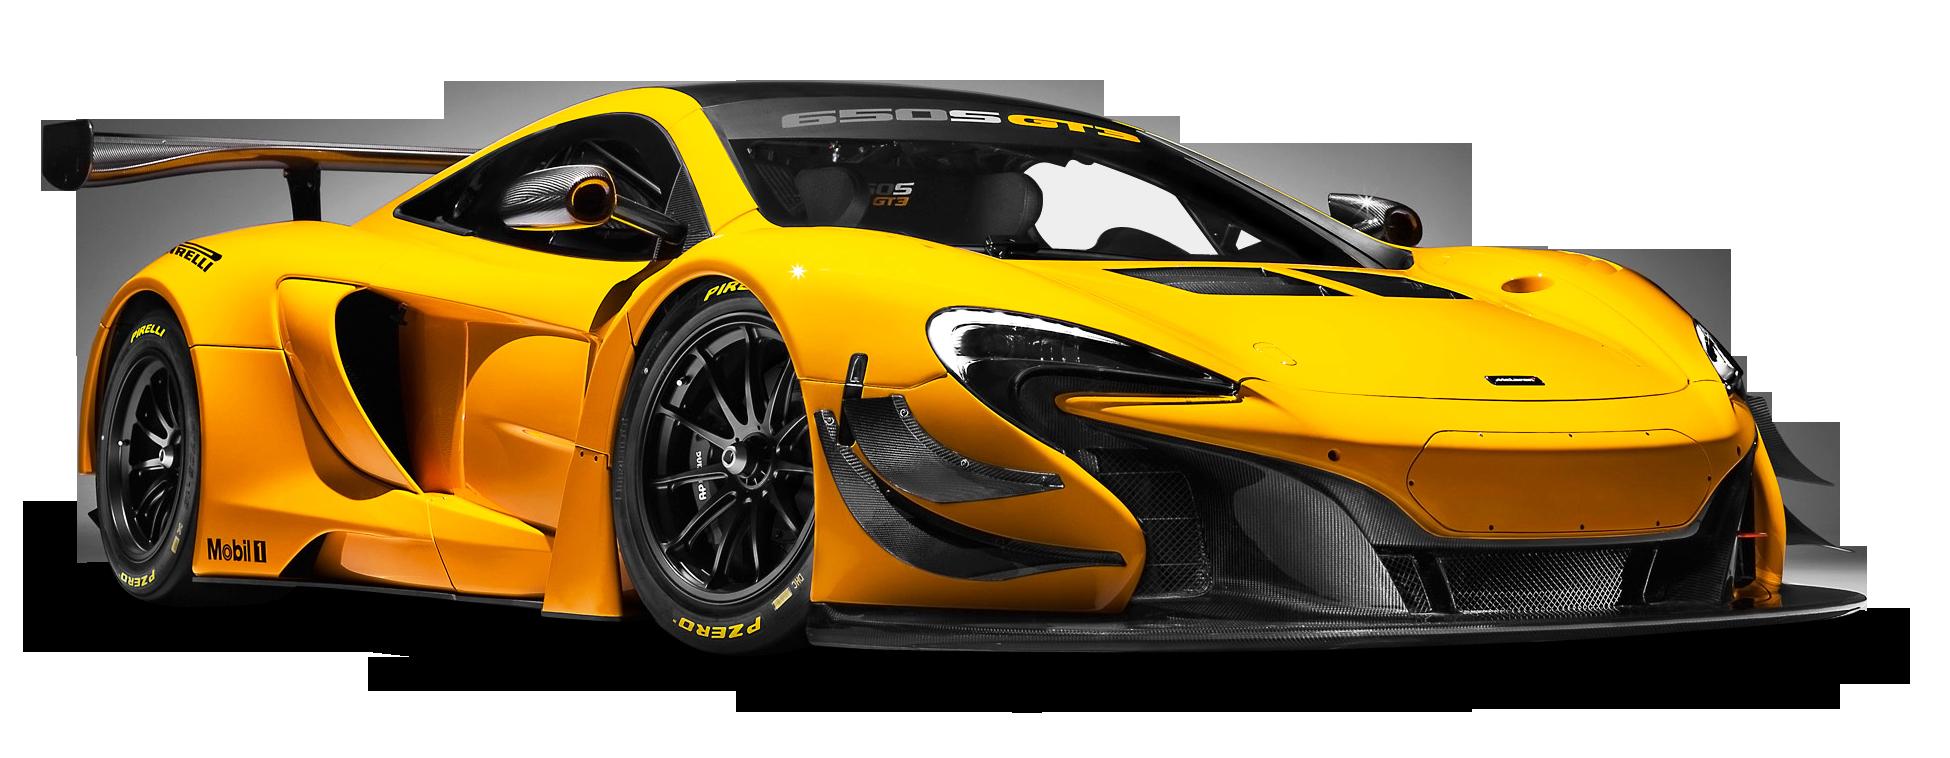 McLaren 650S GT3 Yellow Race Car PNG Image.